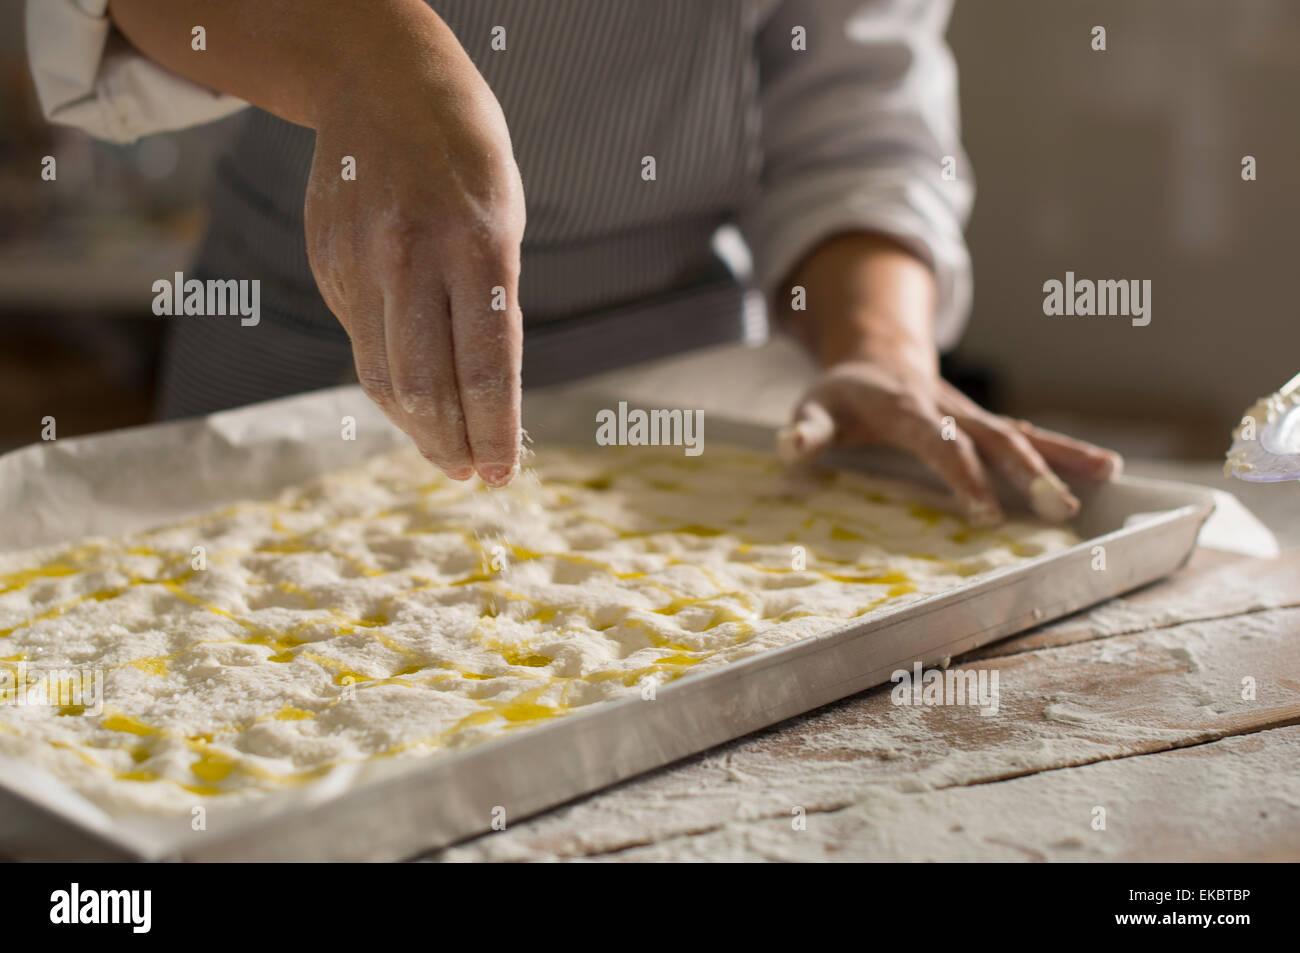 Baker preparing gluten-free dough for baking - Stock Image